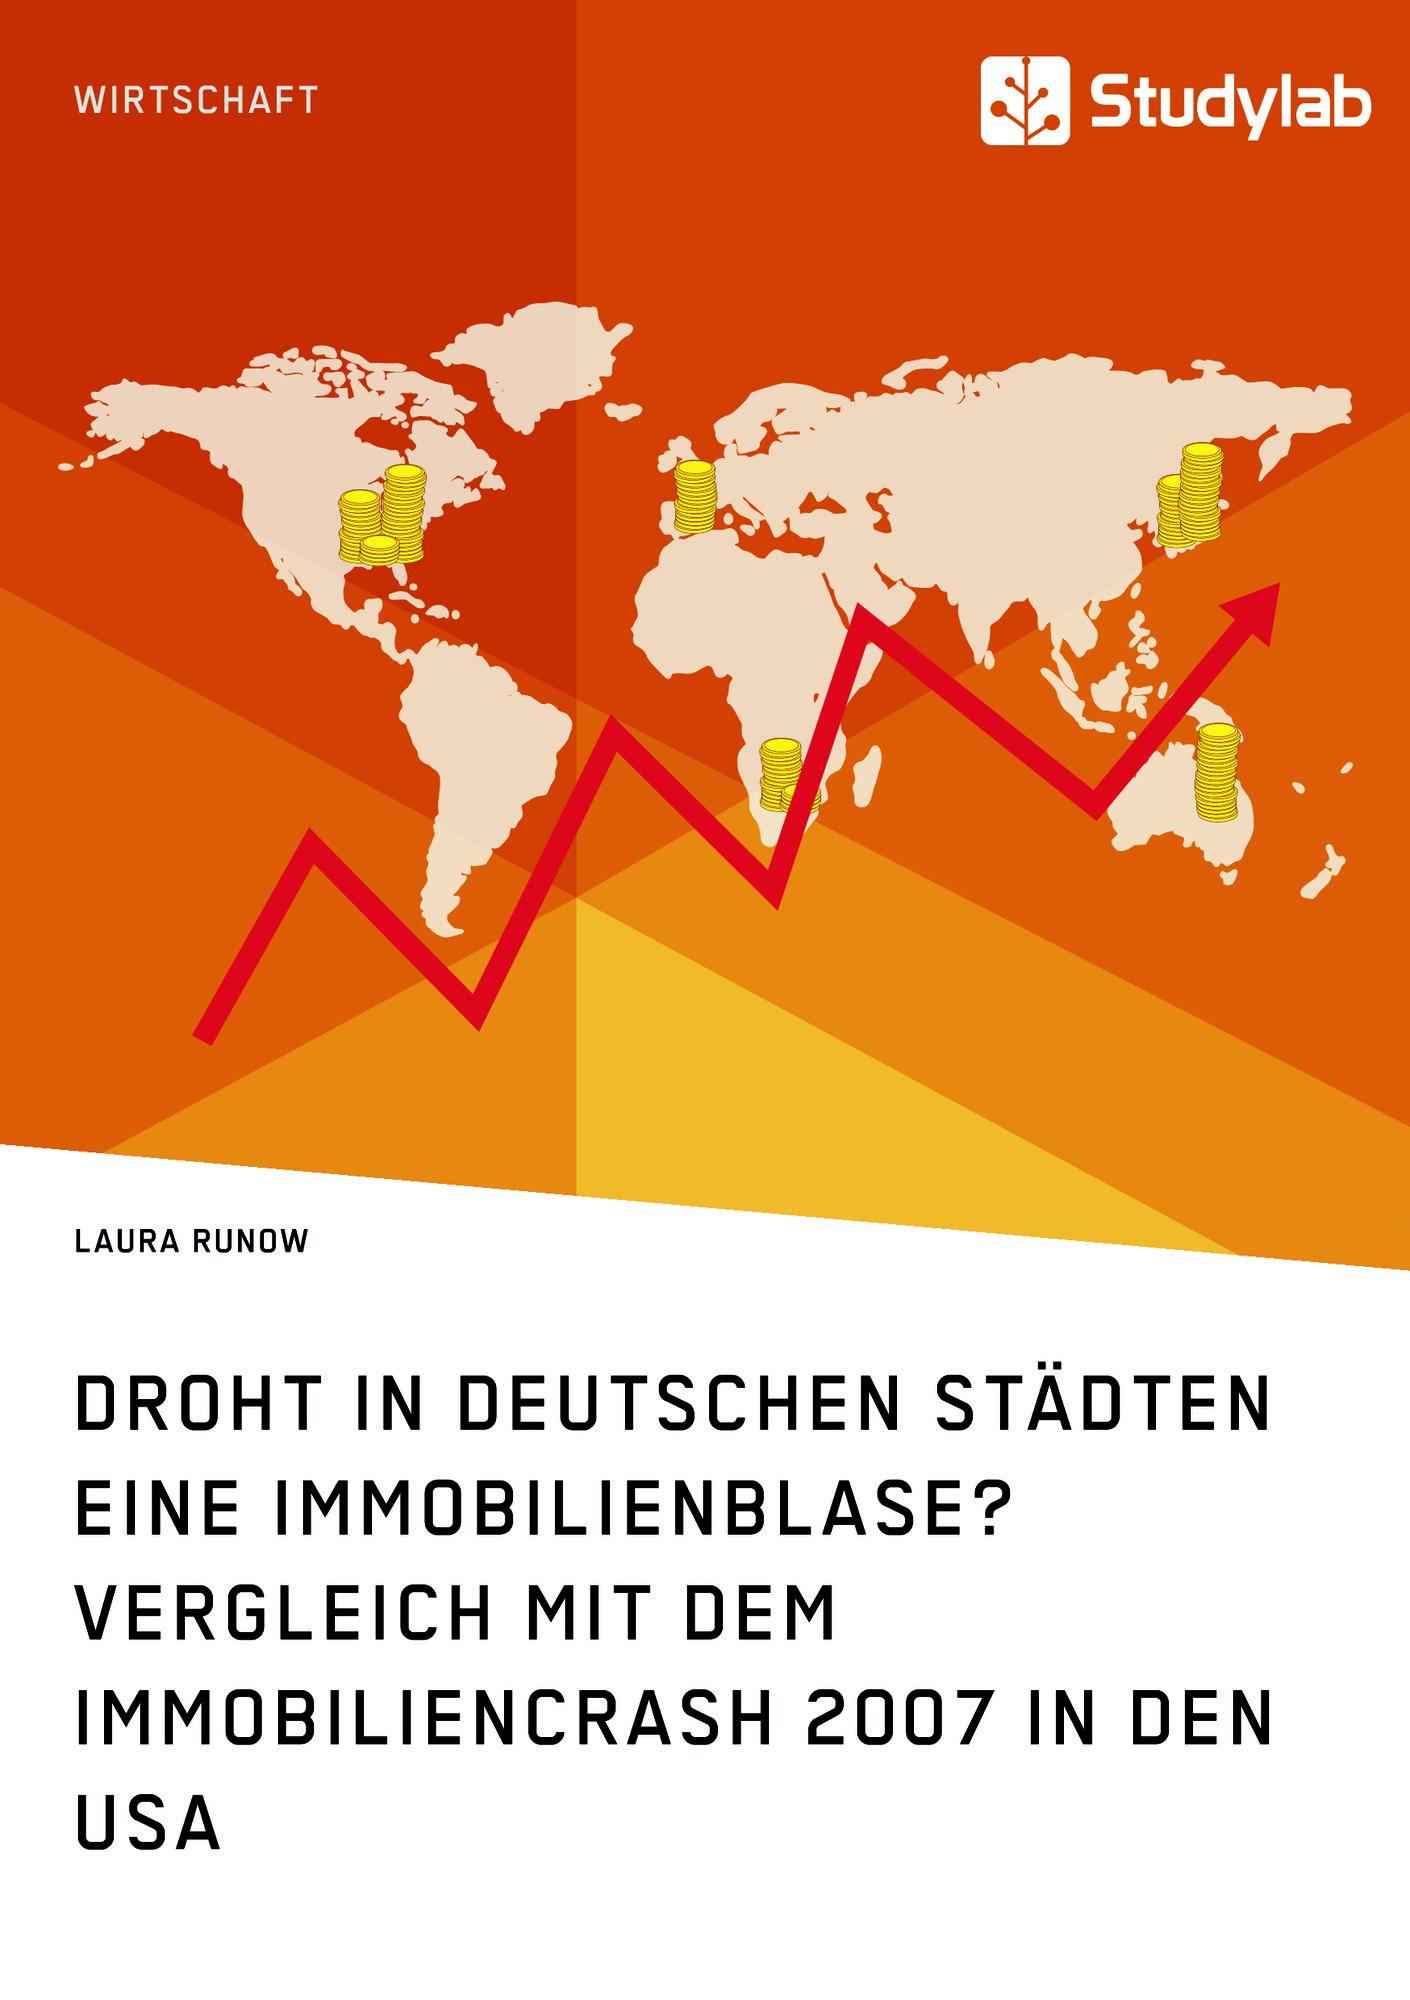 Titel: Droht in deutschen Städten eine Immobilienblase? Vergleich mit dem Immobiliencrash 2007 in den USA